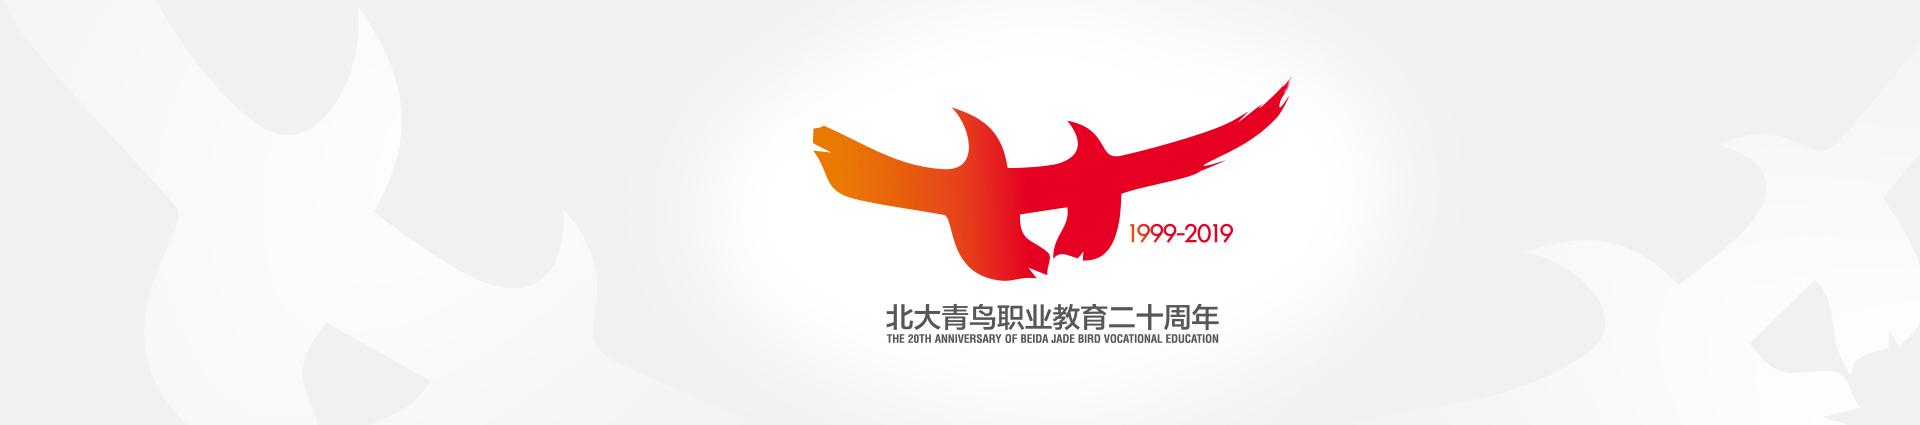 北大青鳥職業教育二十周年